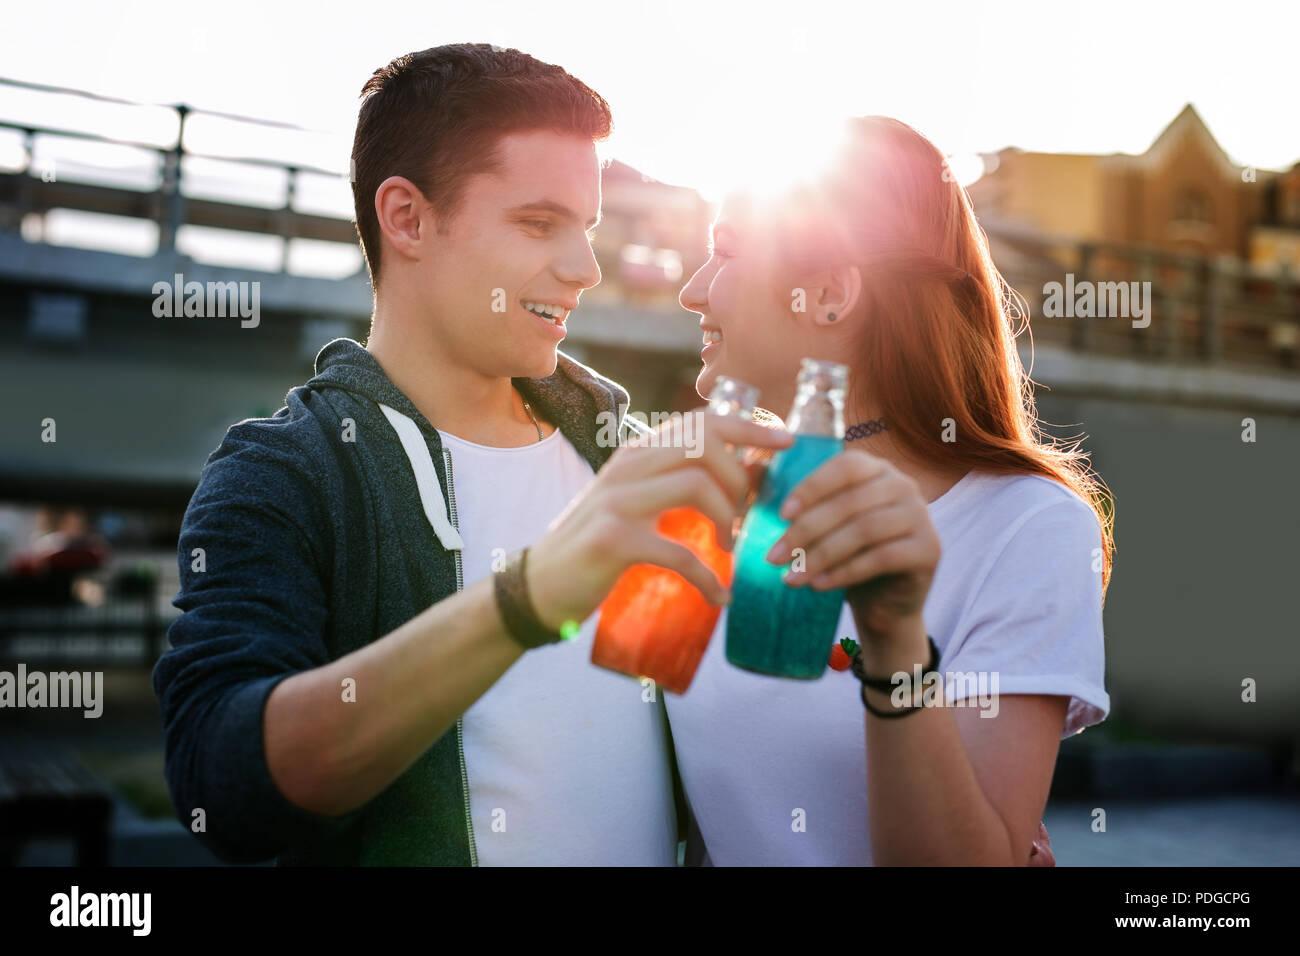 En plus, les gens joyeux jouissant de leurs boissons si délicieux. Photo Stock